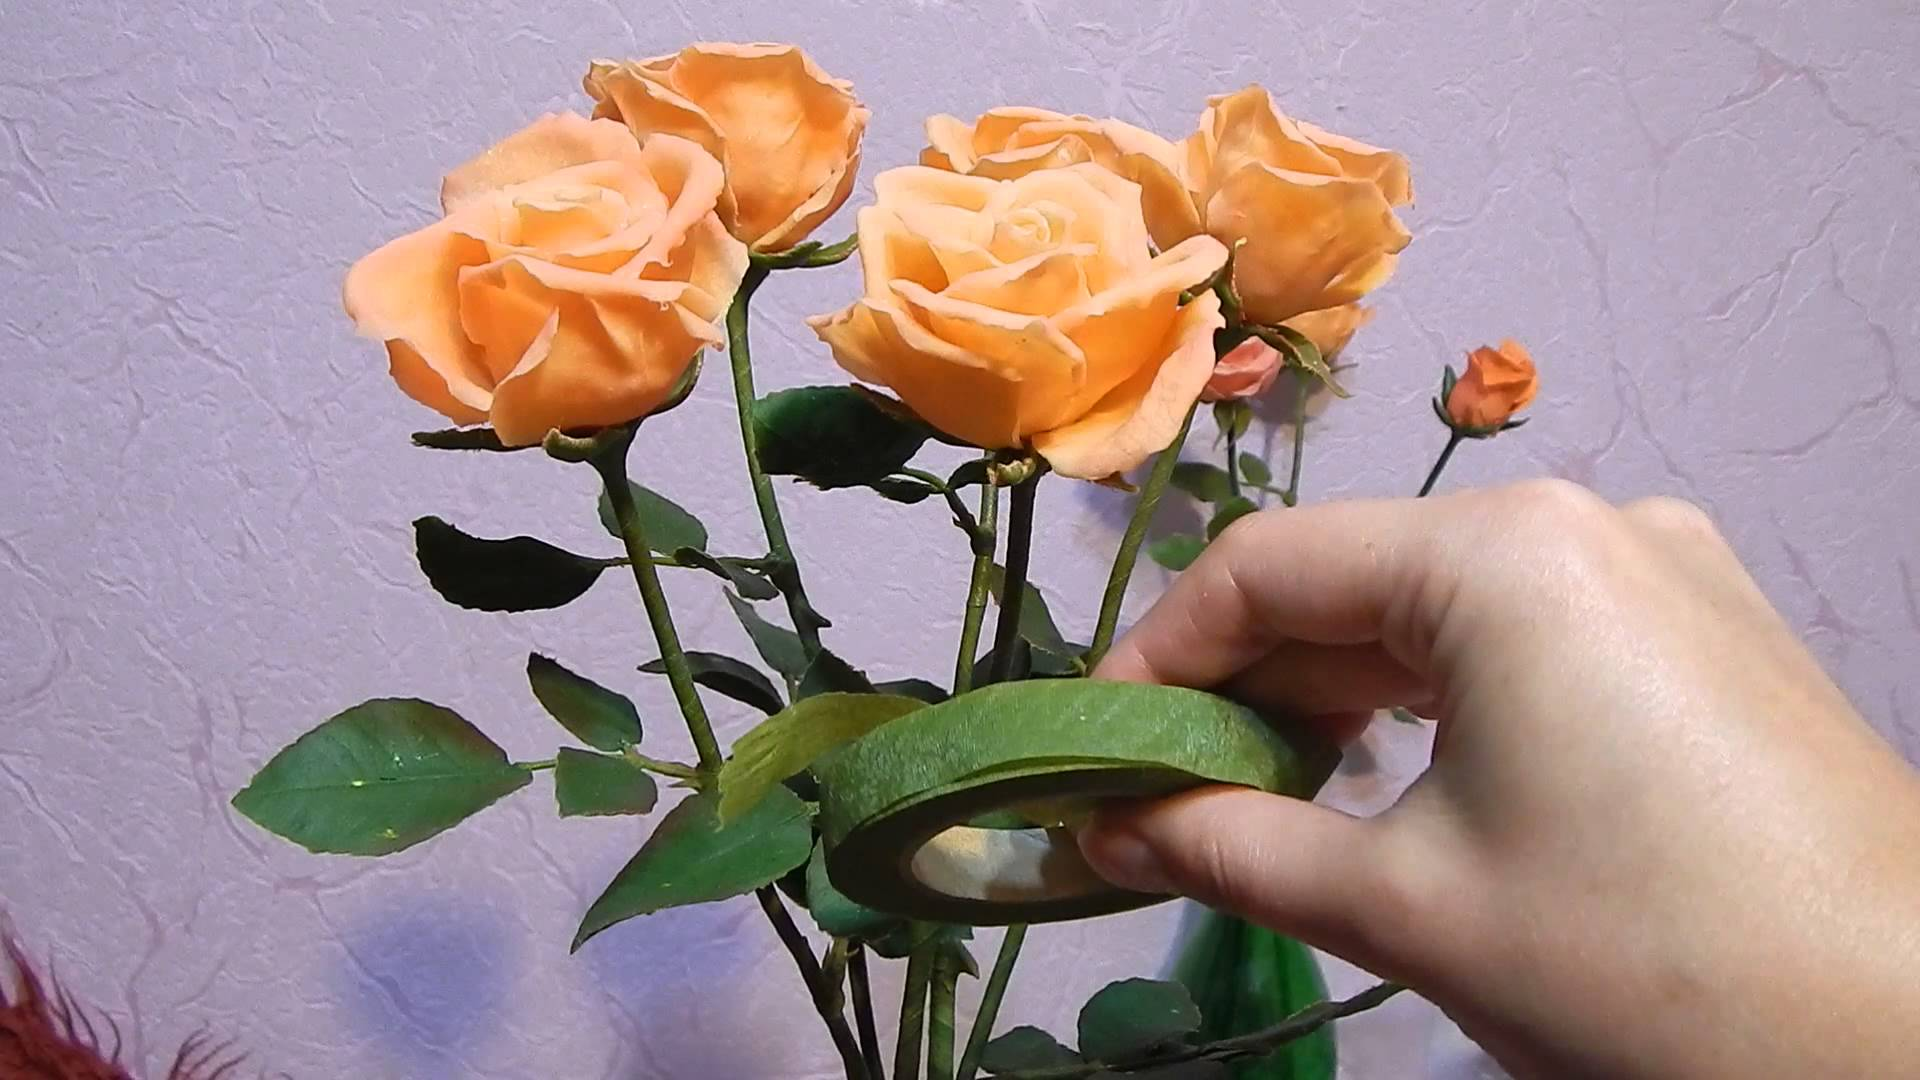 Лепим розу из холодного фарфора